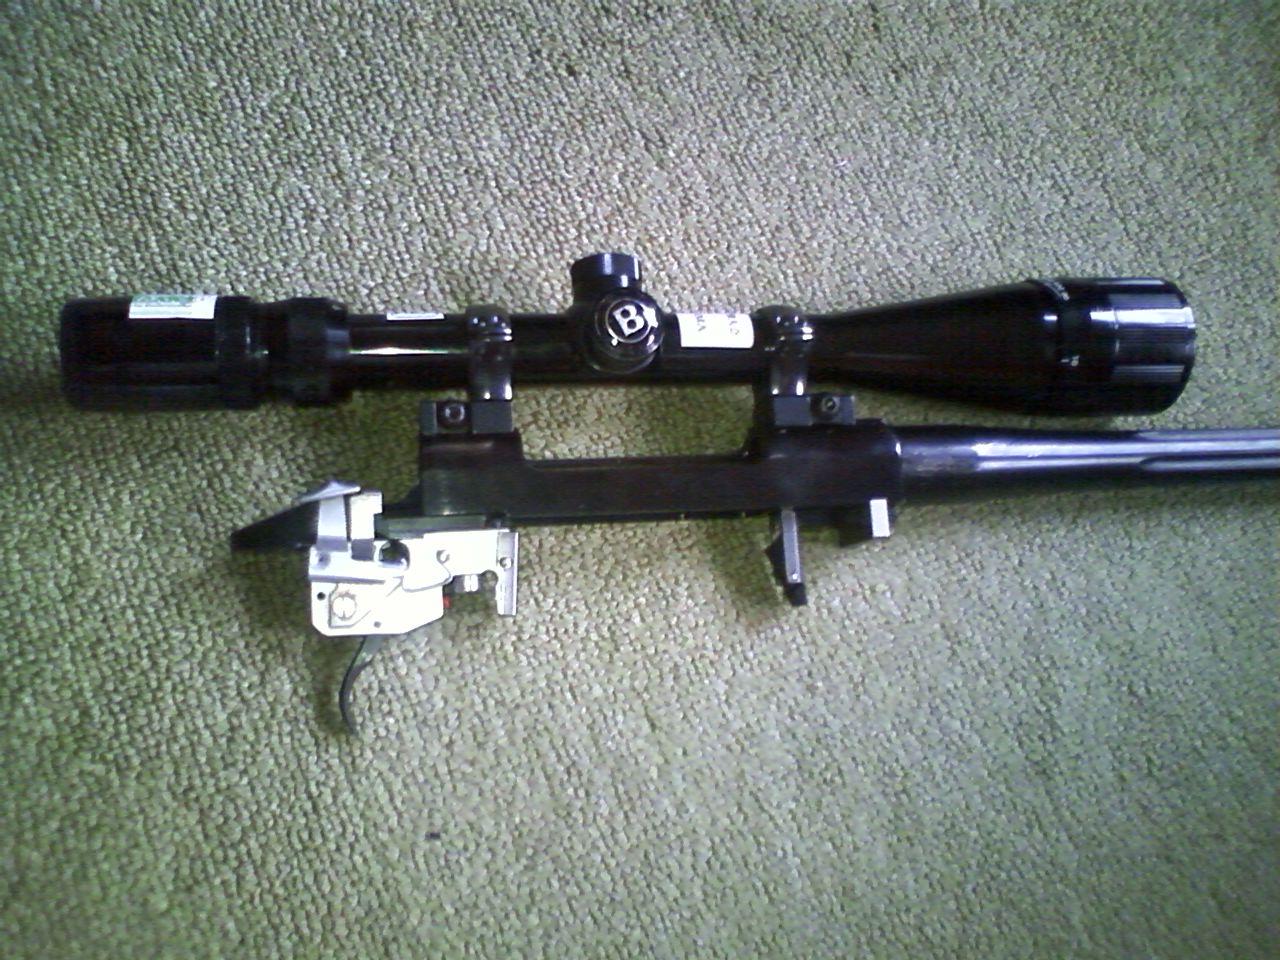 県大会用の最強のライフル銃を目指して  その1_e0056797_8484093.jpg